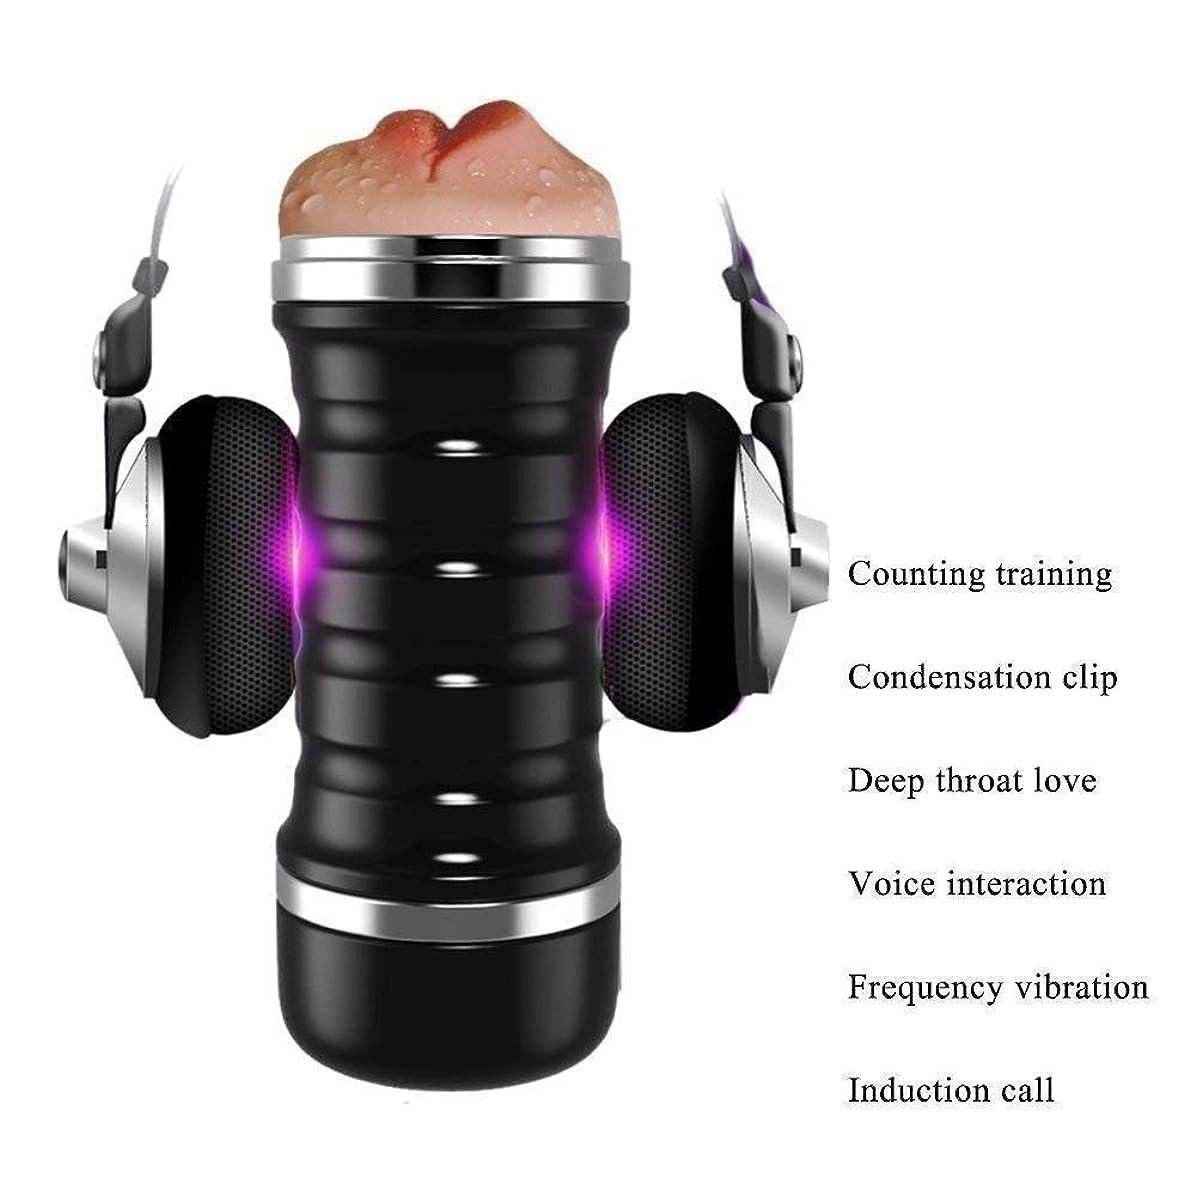 認識スーツケース調停者2 in 1 2リング男性マッサージカップ大人のおもちゃ複数の振動モードUSB充電ディープスロートラップTシャツ